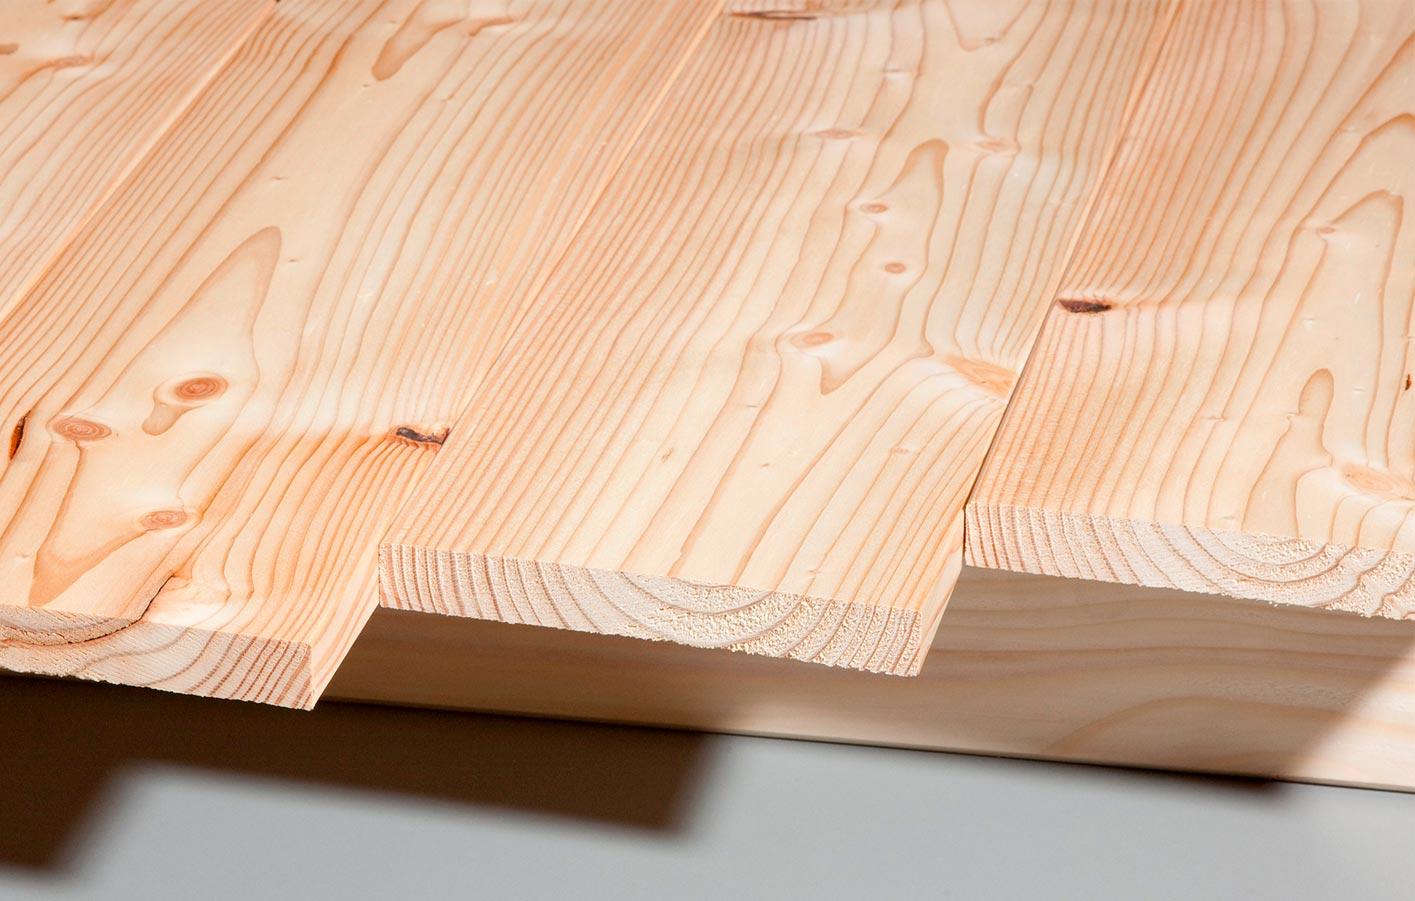 hobelware schnittholz profilholz hobelwerk sägewerk böblingen